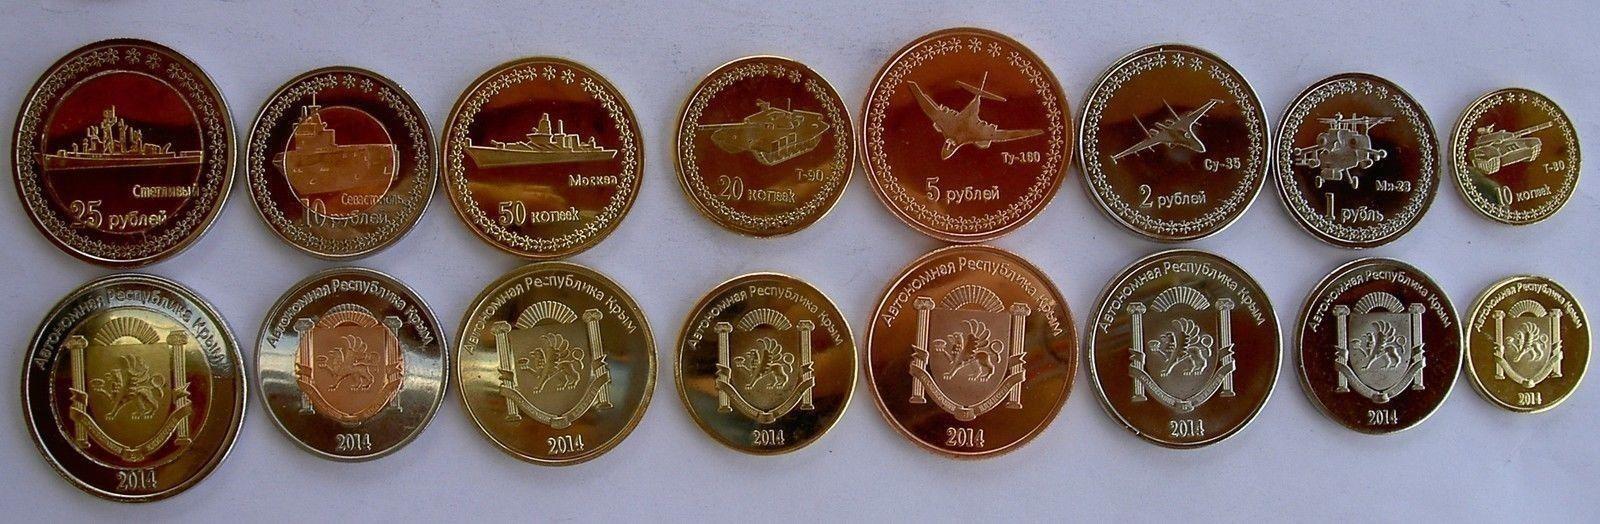 Фантазийная монета